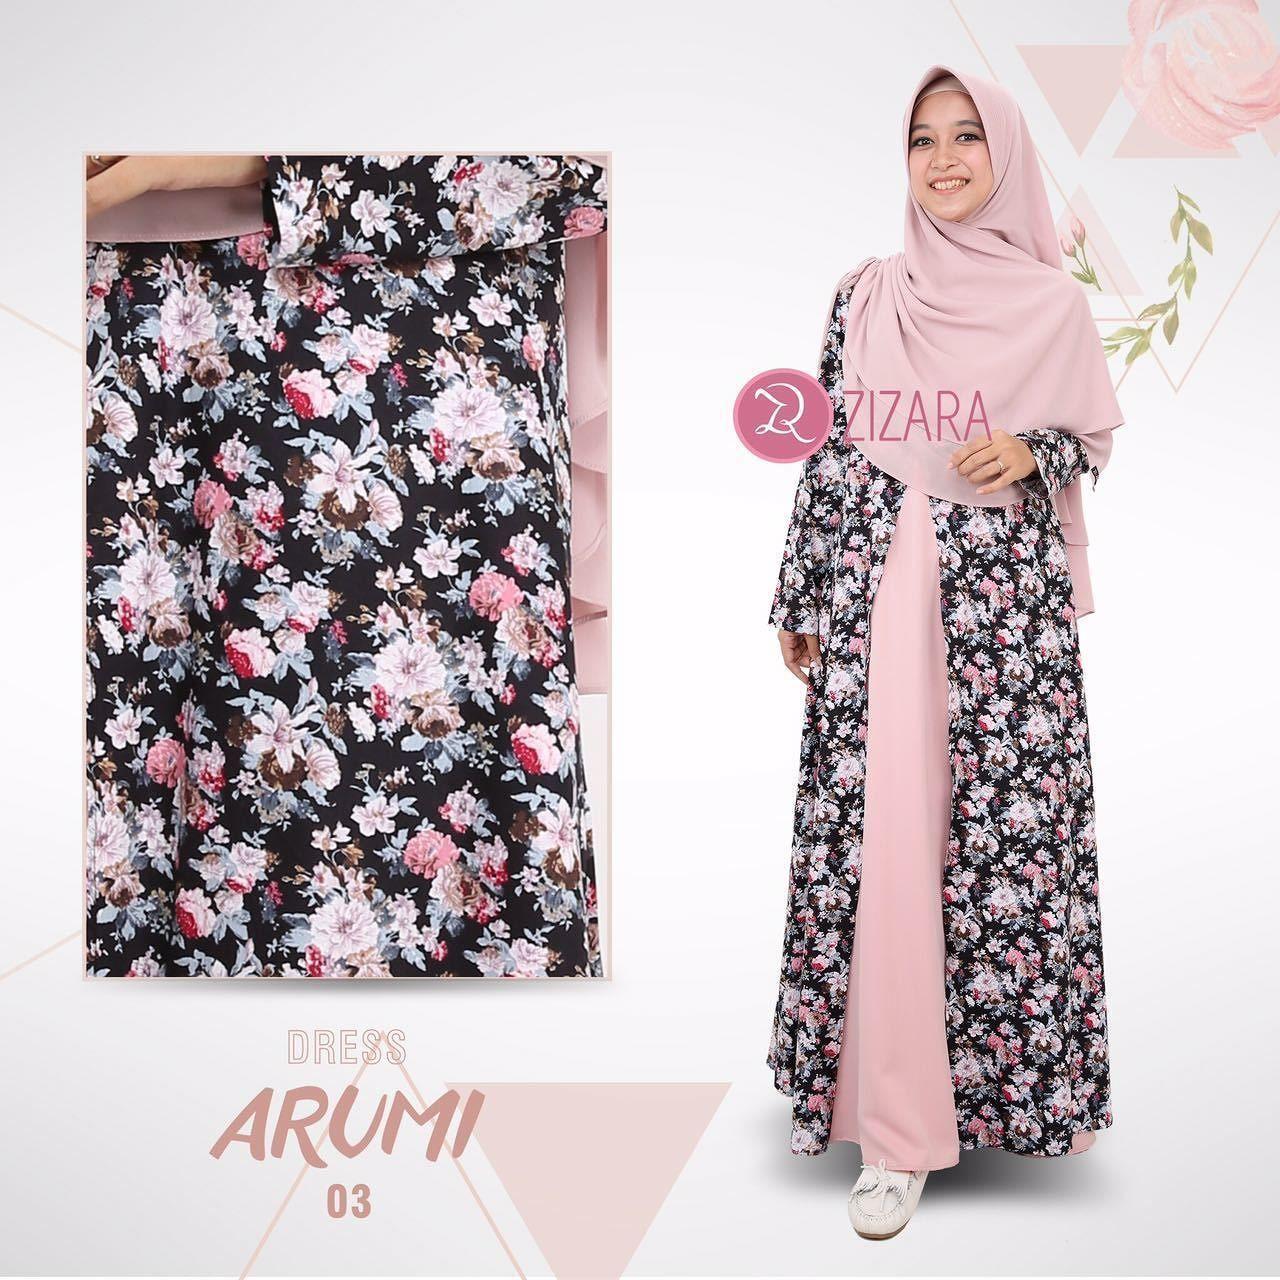 Gamis Zizara Arumi Dress 03 Baju Muslimah Busana Muslim Kini Hadir